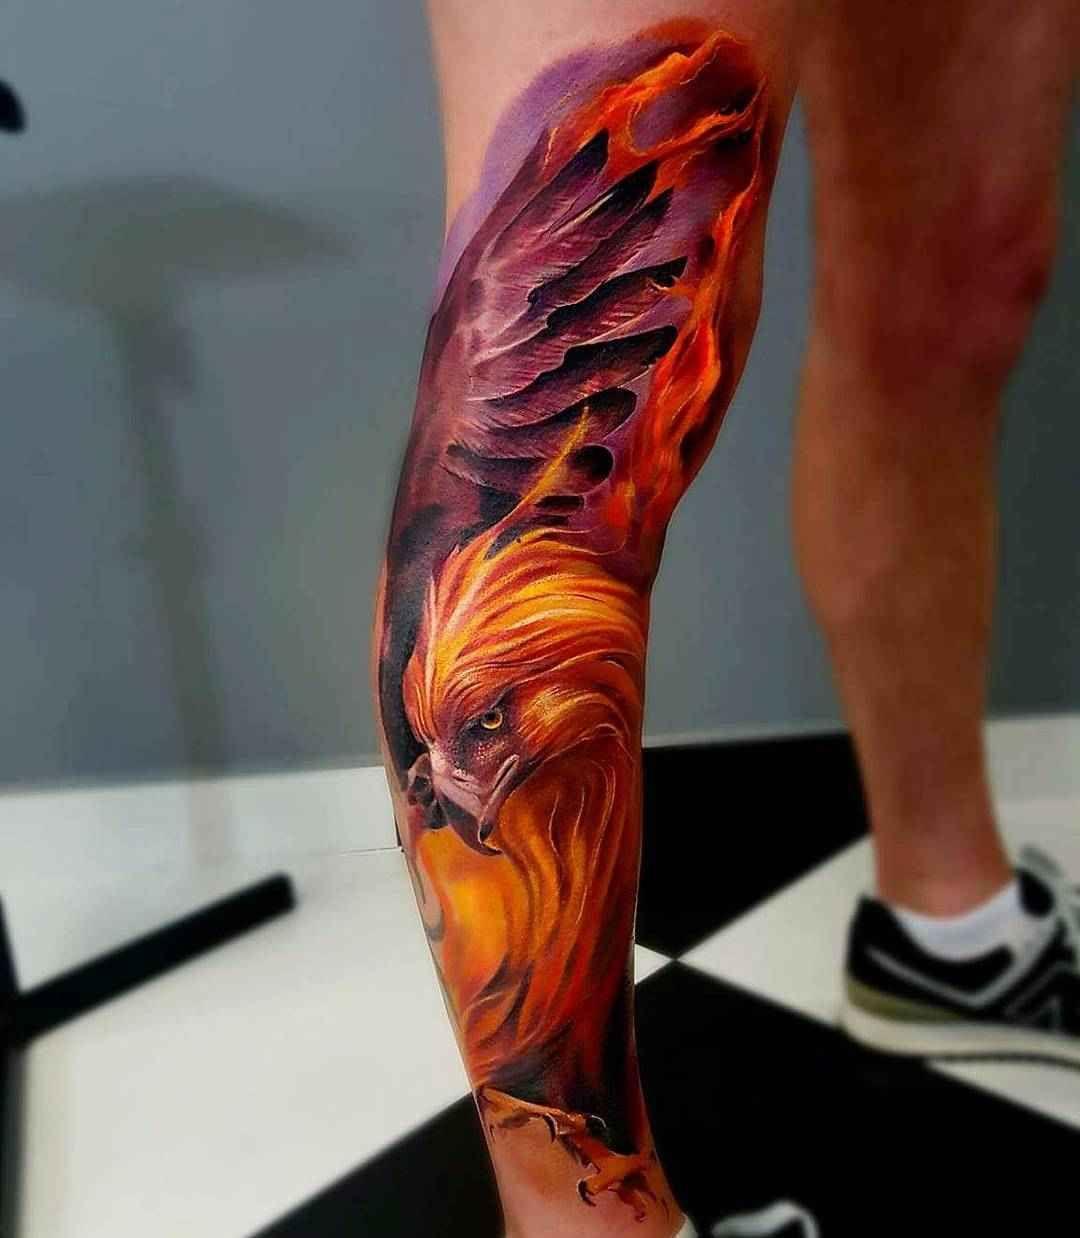 Tatuajes de ave fenix para hombres en la pierna